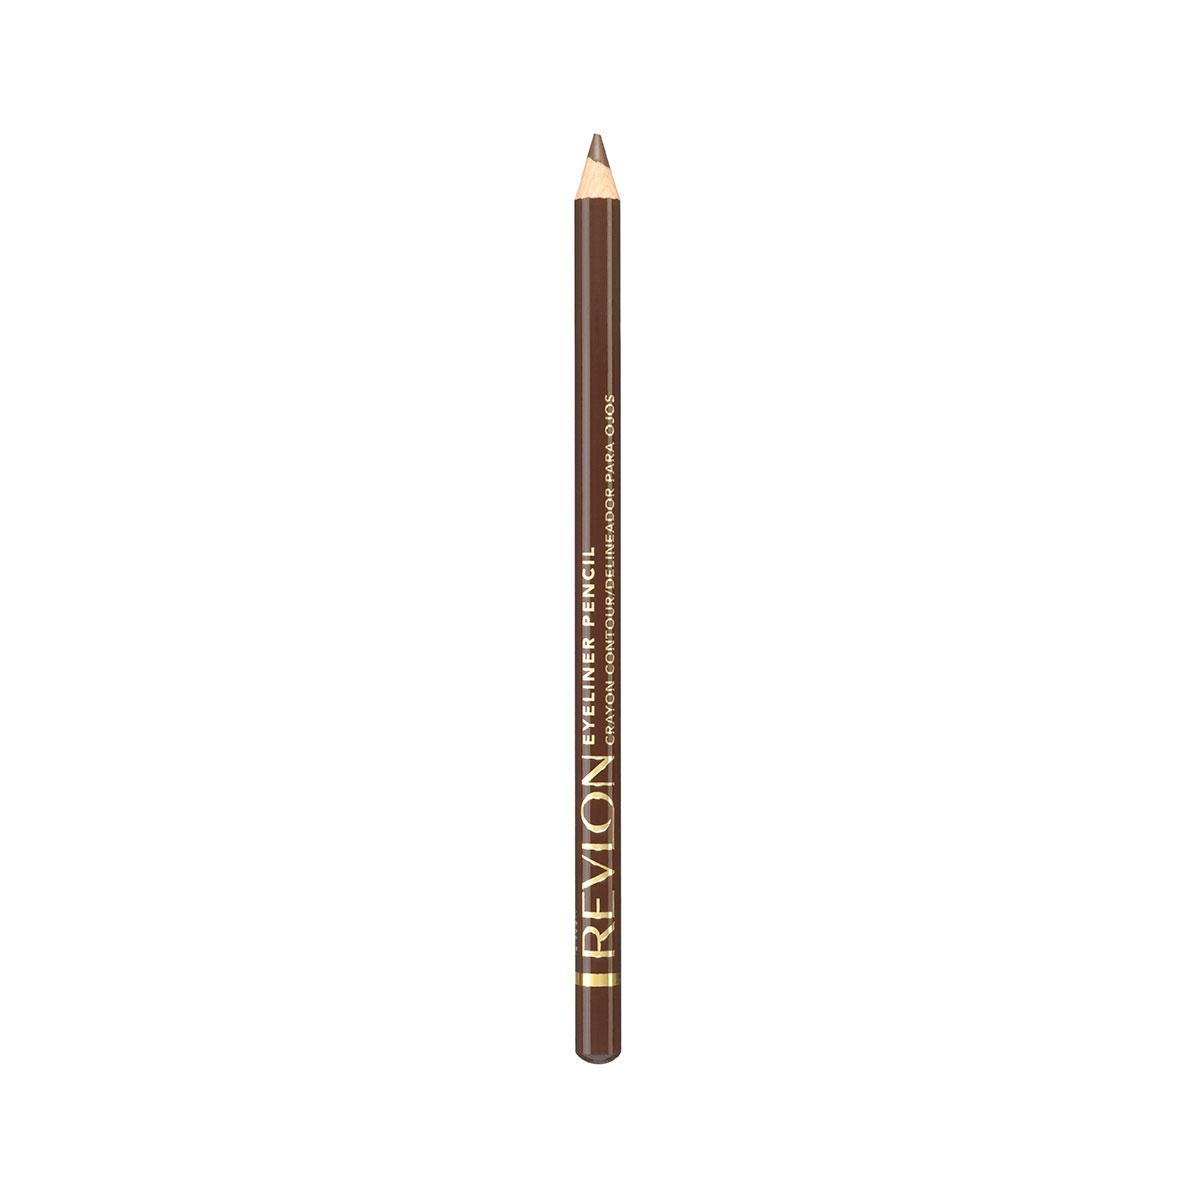 Revlon Карандаш для Глаз Eyeliner Earth brow 02 1 г7210295002Классичесикй контурный карандаш с насыщенным цветом и интенсивной аппликацией. Скользит с лёгкостью карандаша и даёт цвет по интенсивности равный жидкому контуру. Прекрасно сохраняется на веках в течение дня.